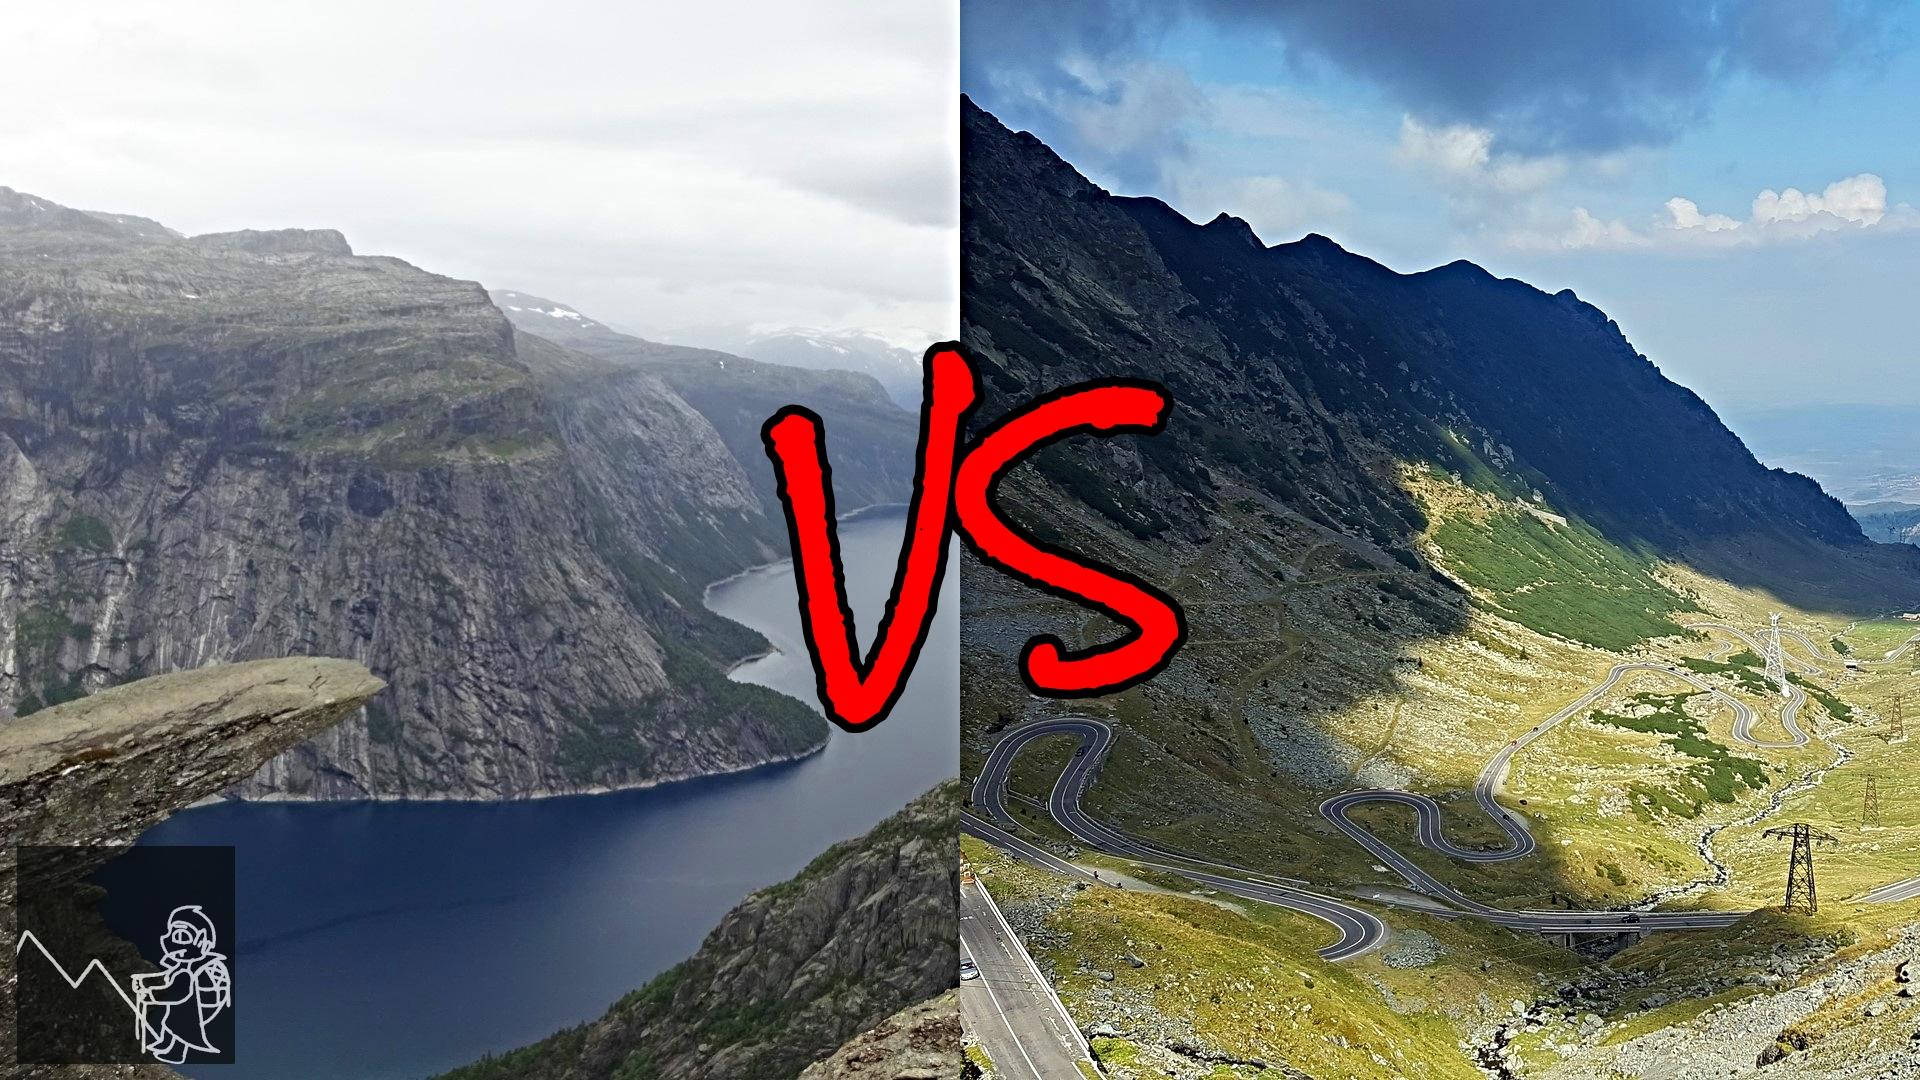 Drumeții montane în Transilvania vs Norvegia: Unde e mai bine?